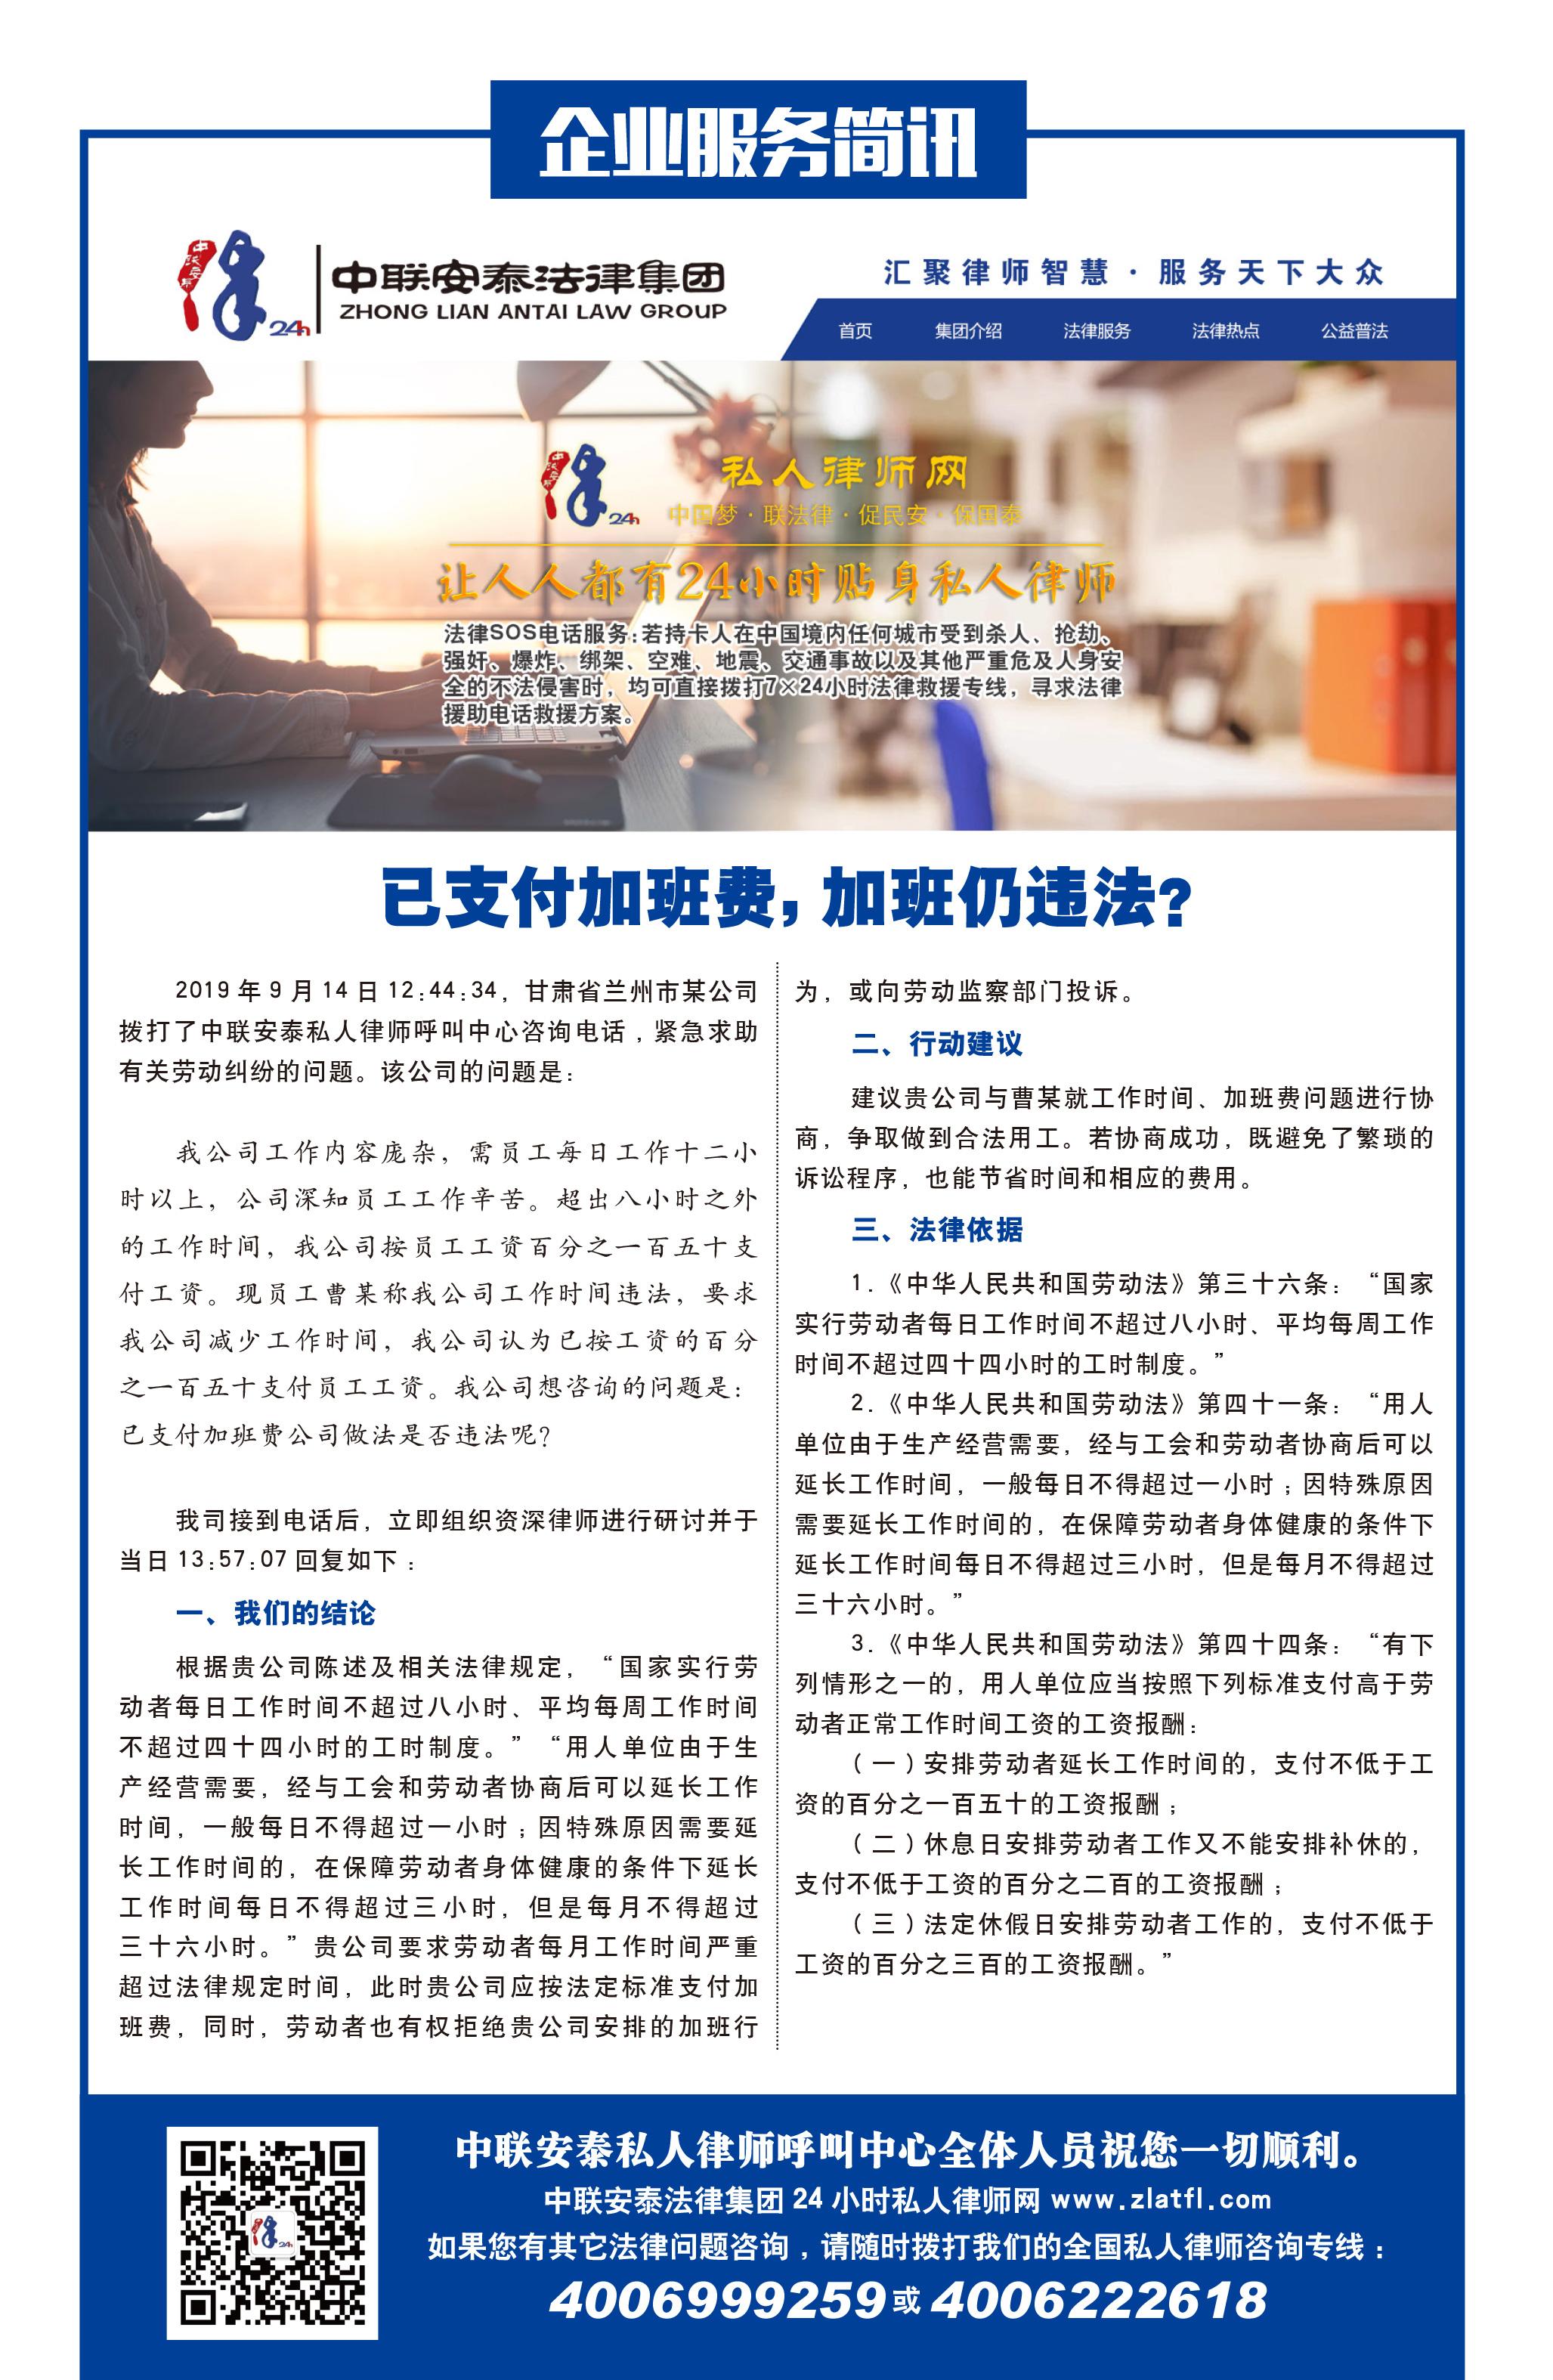 0915企业服务简讯.jpg